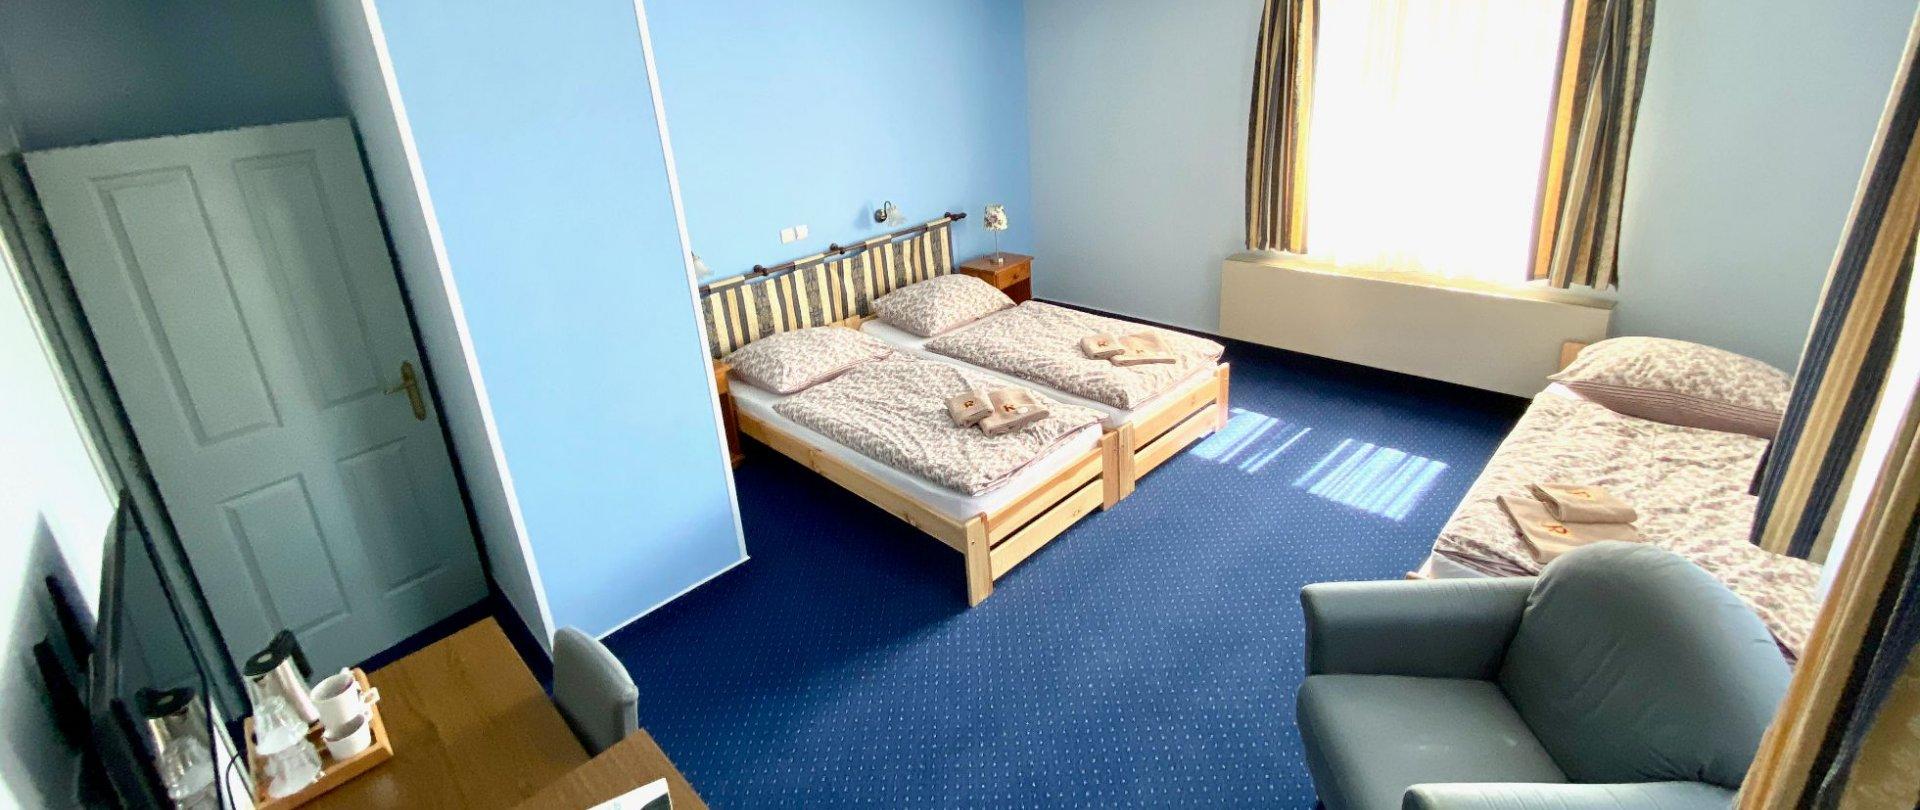 Třílůžkový pokoj s vanou